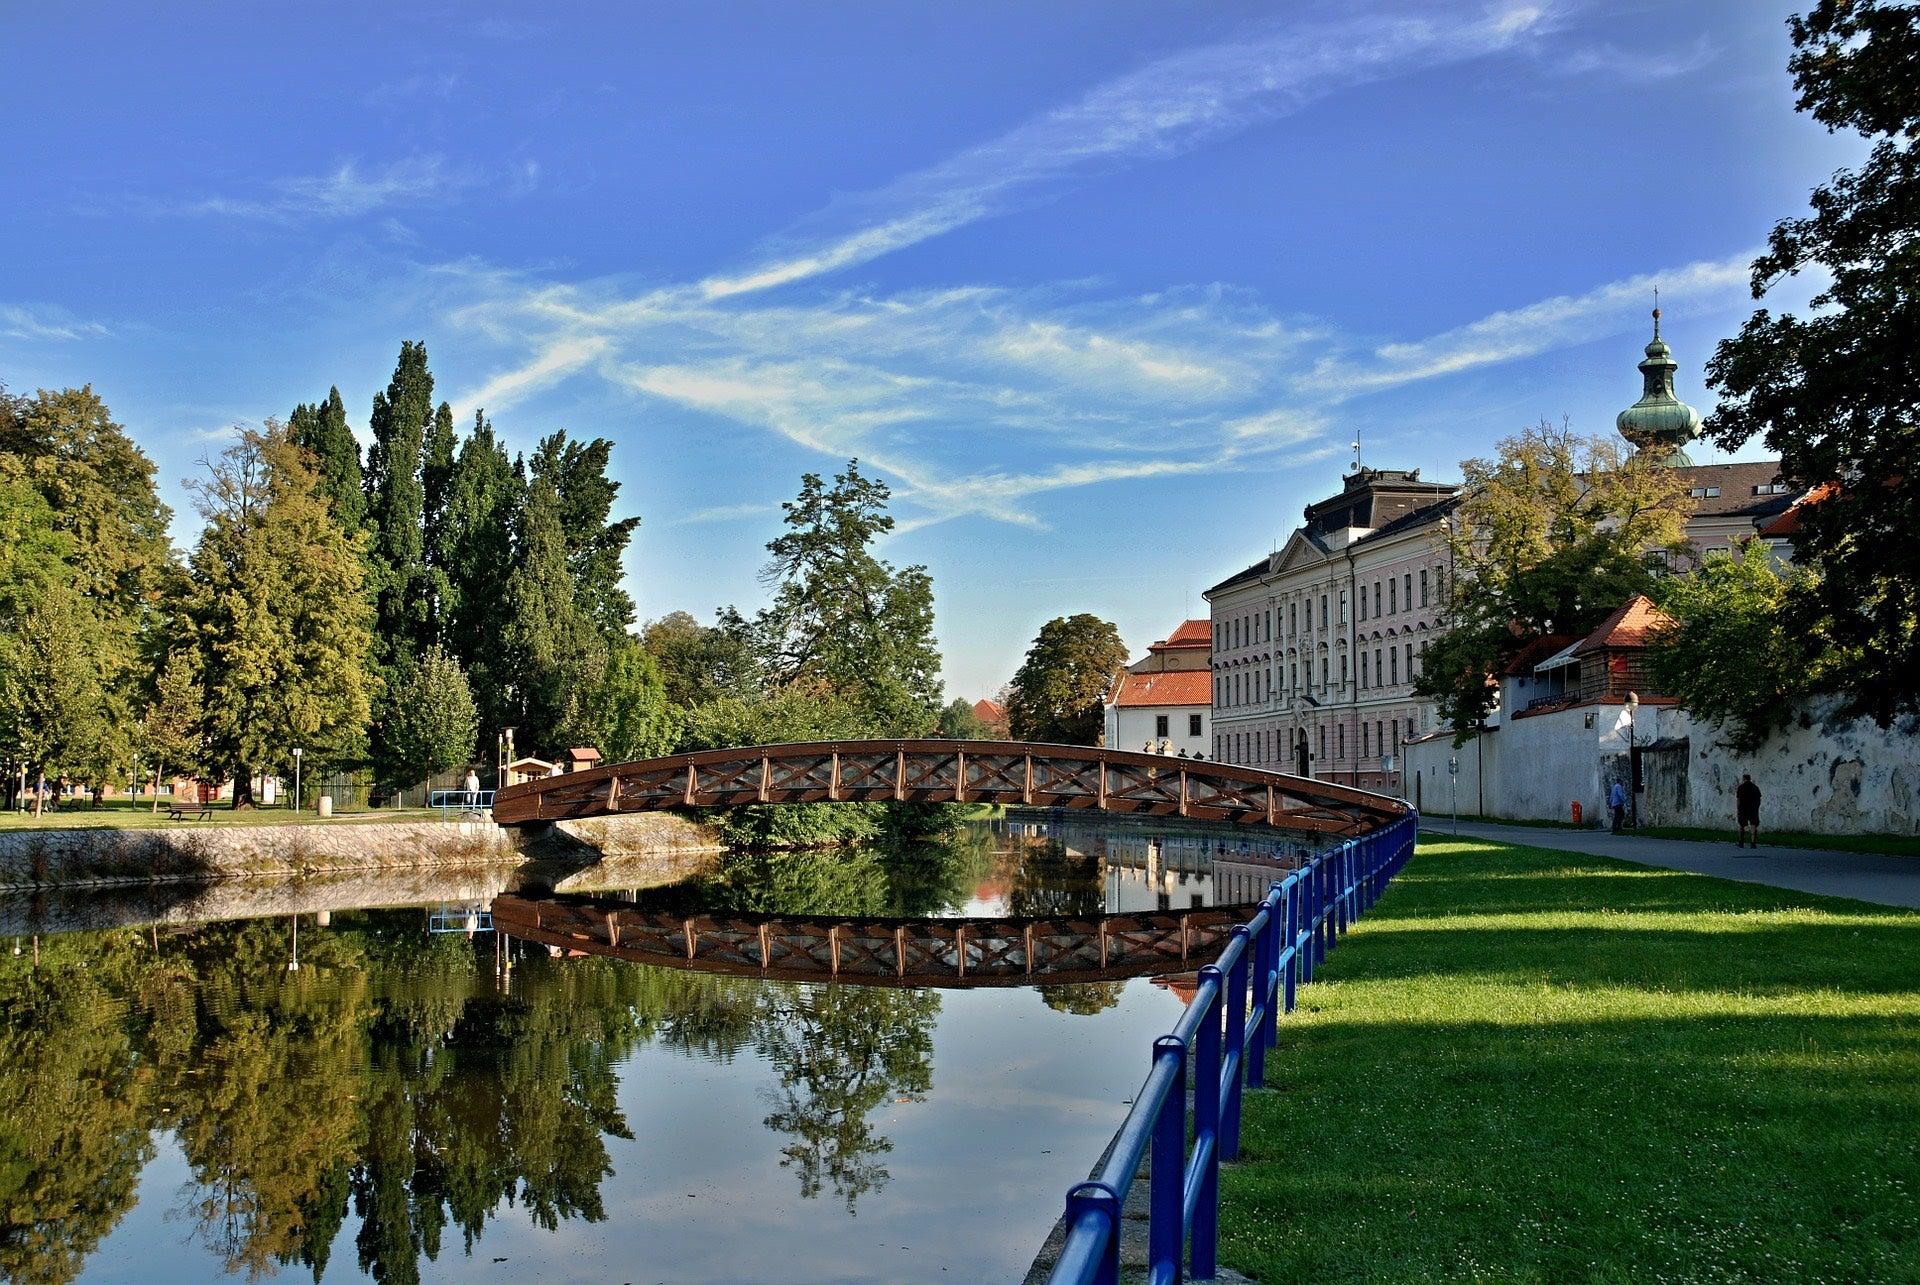 Chlouba jižních Čech